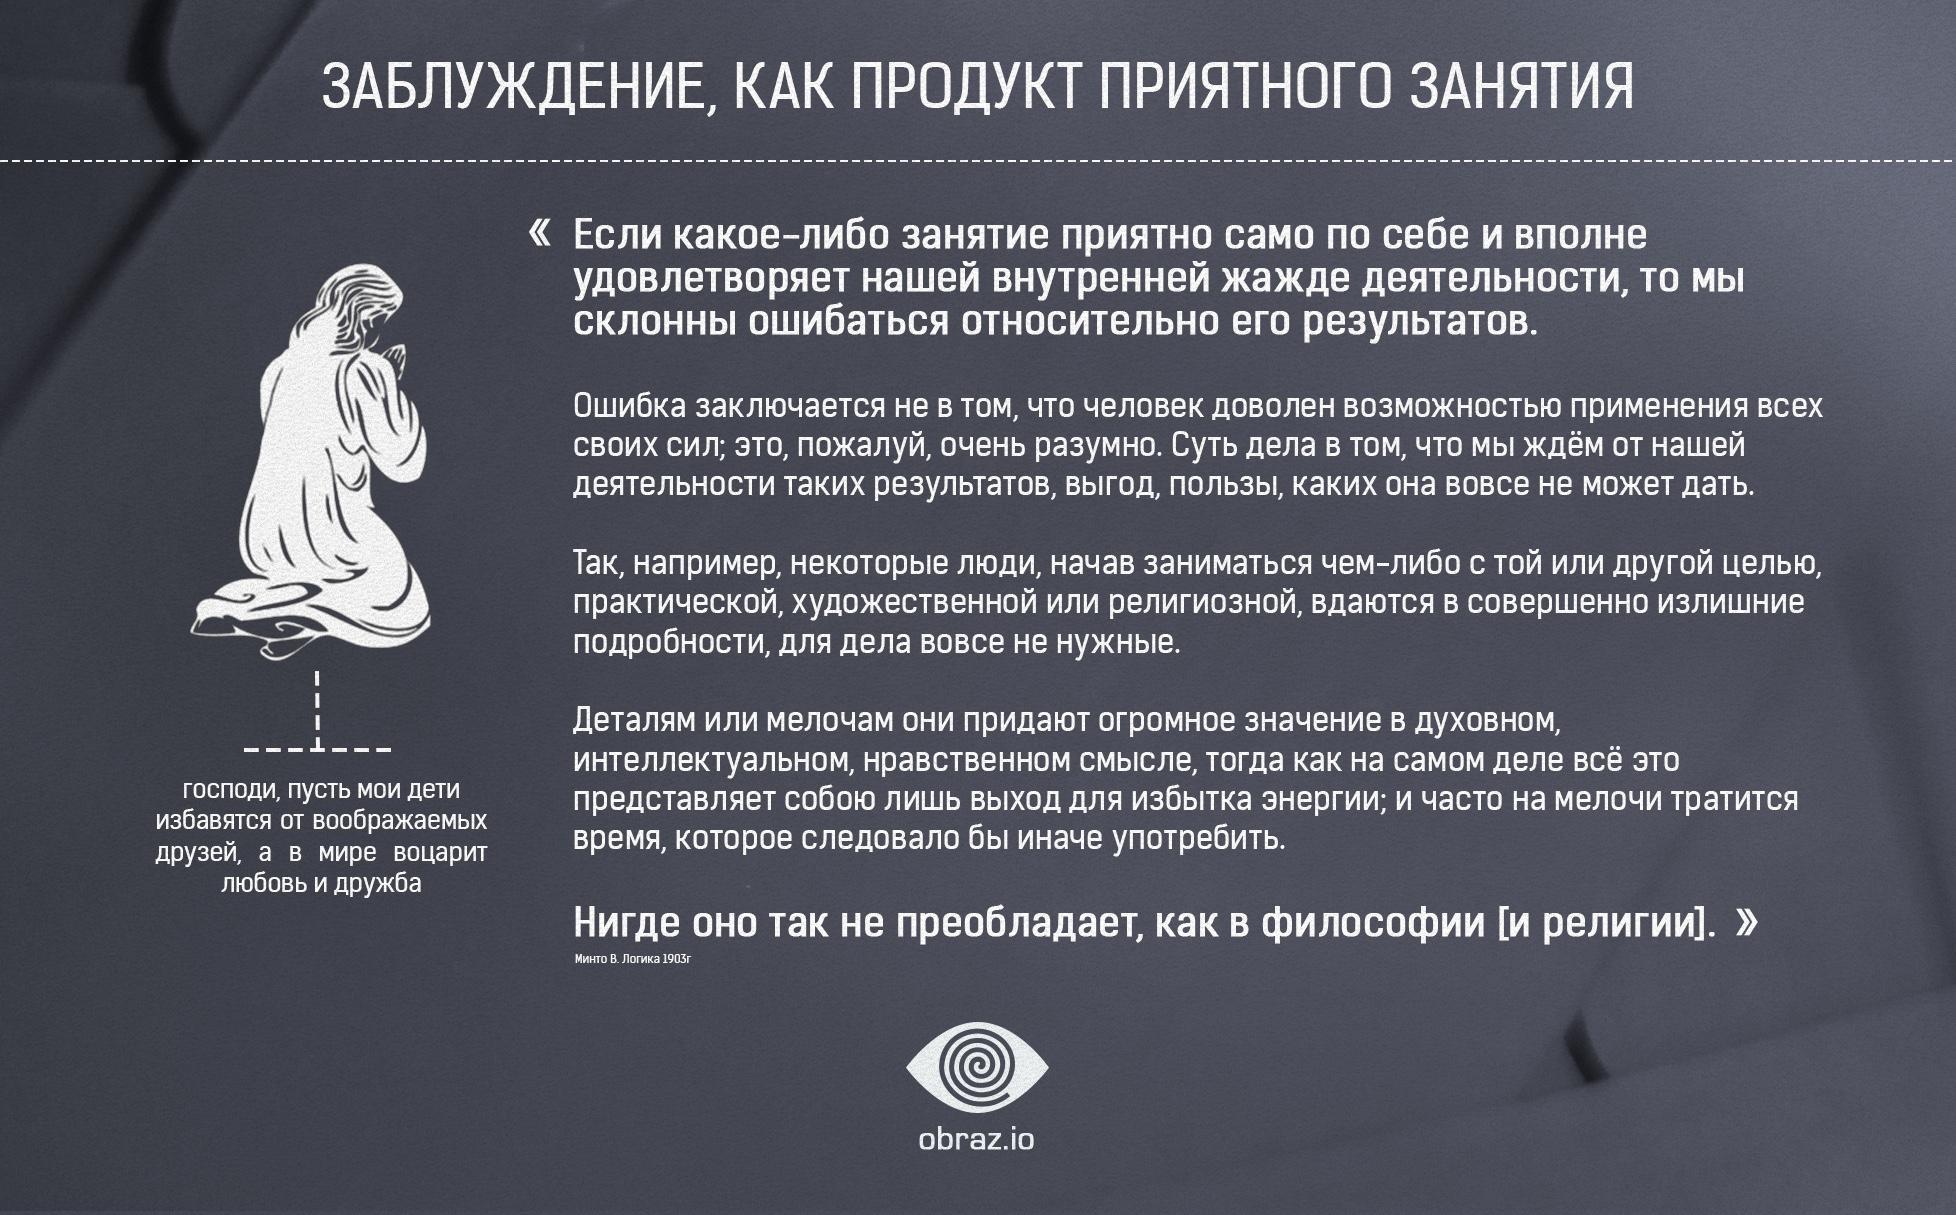 Email:learningkurakov@gmail com3292 spu3qd.0uxx893sor